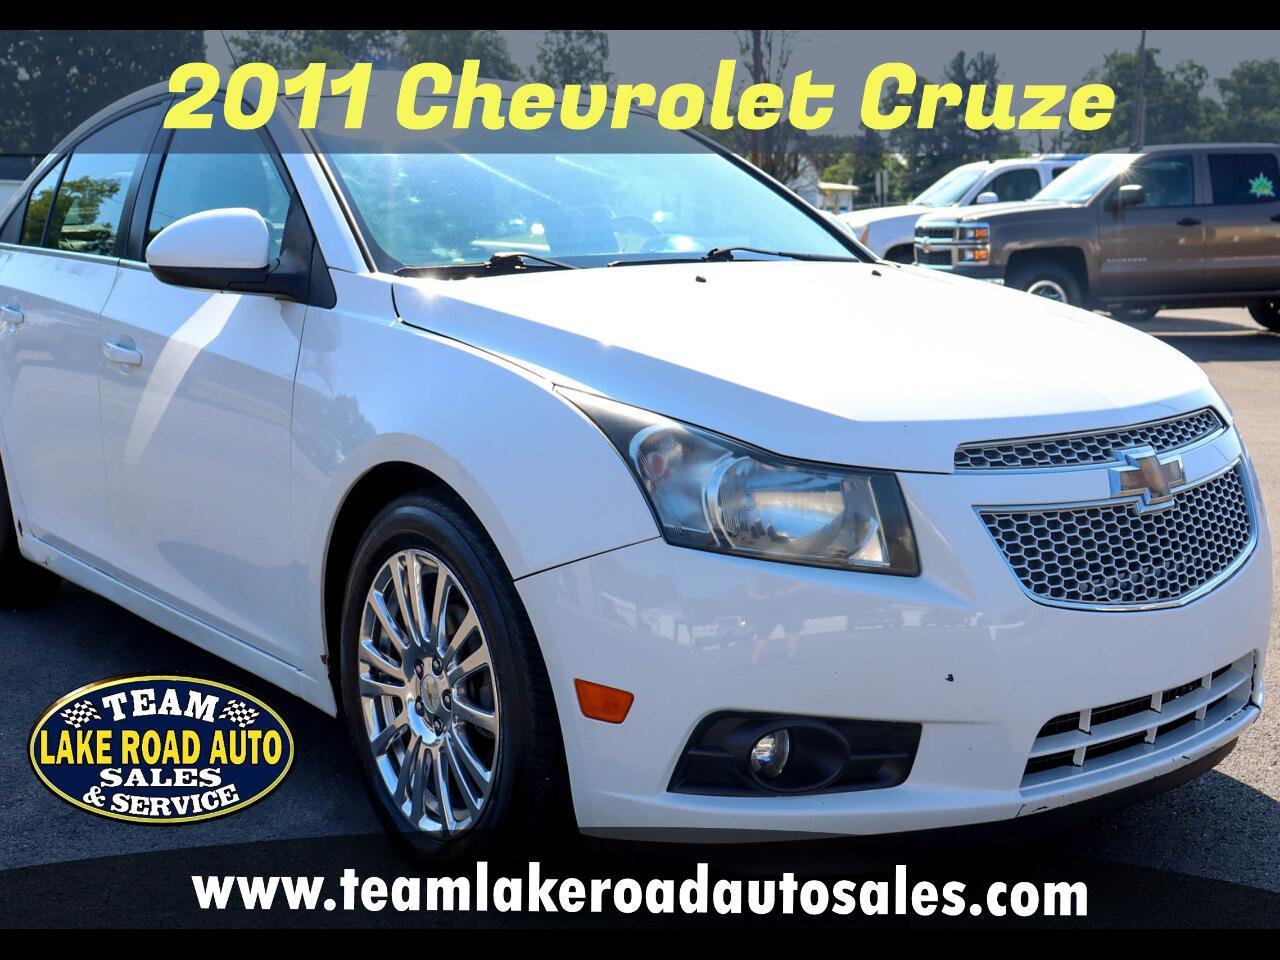 Chevrolet Cruze 4dr Sdn ECO w/1XF 2011